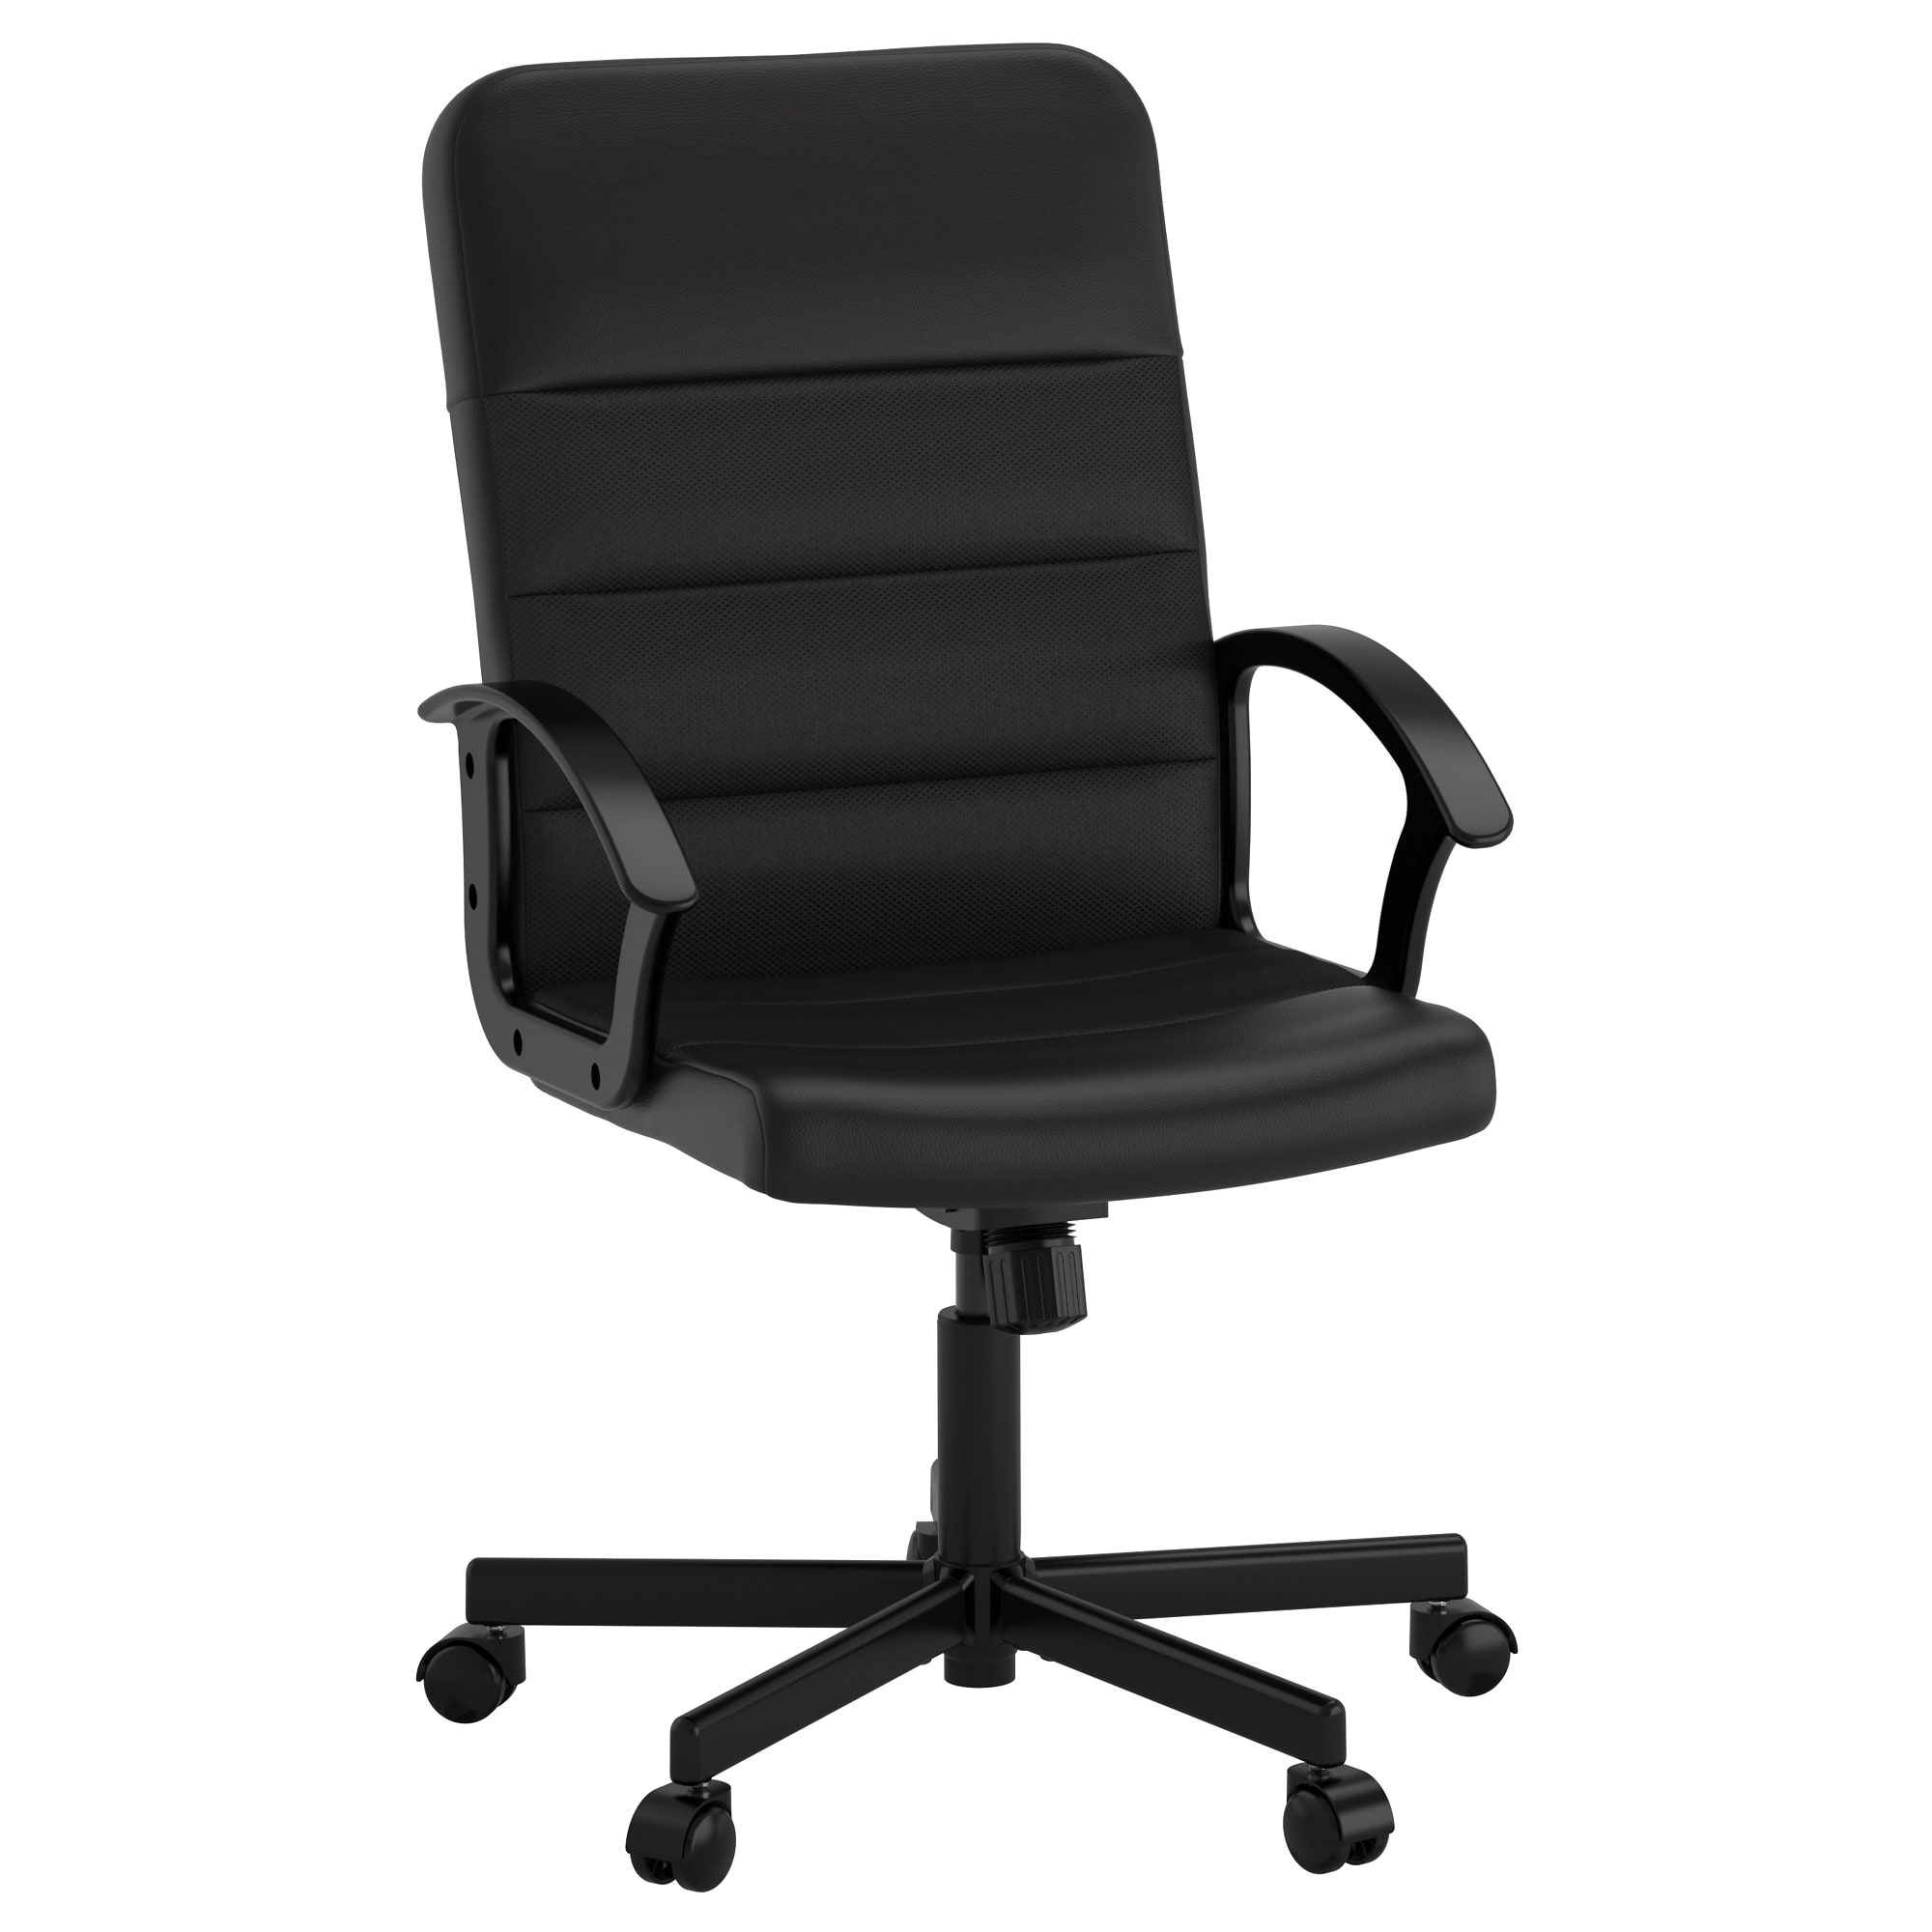 Silla Gaming Carrefour Q0d4 Sillas De Oficina Y Sillas De Trabajo Pra Online Ikea